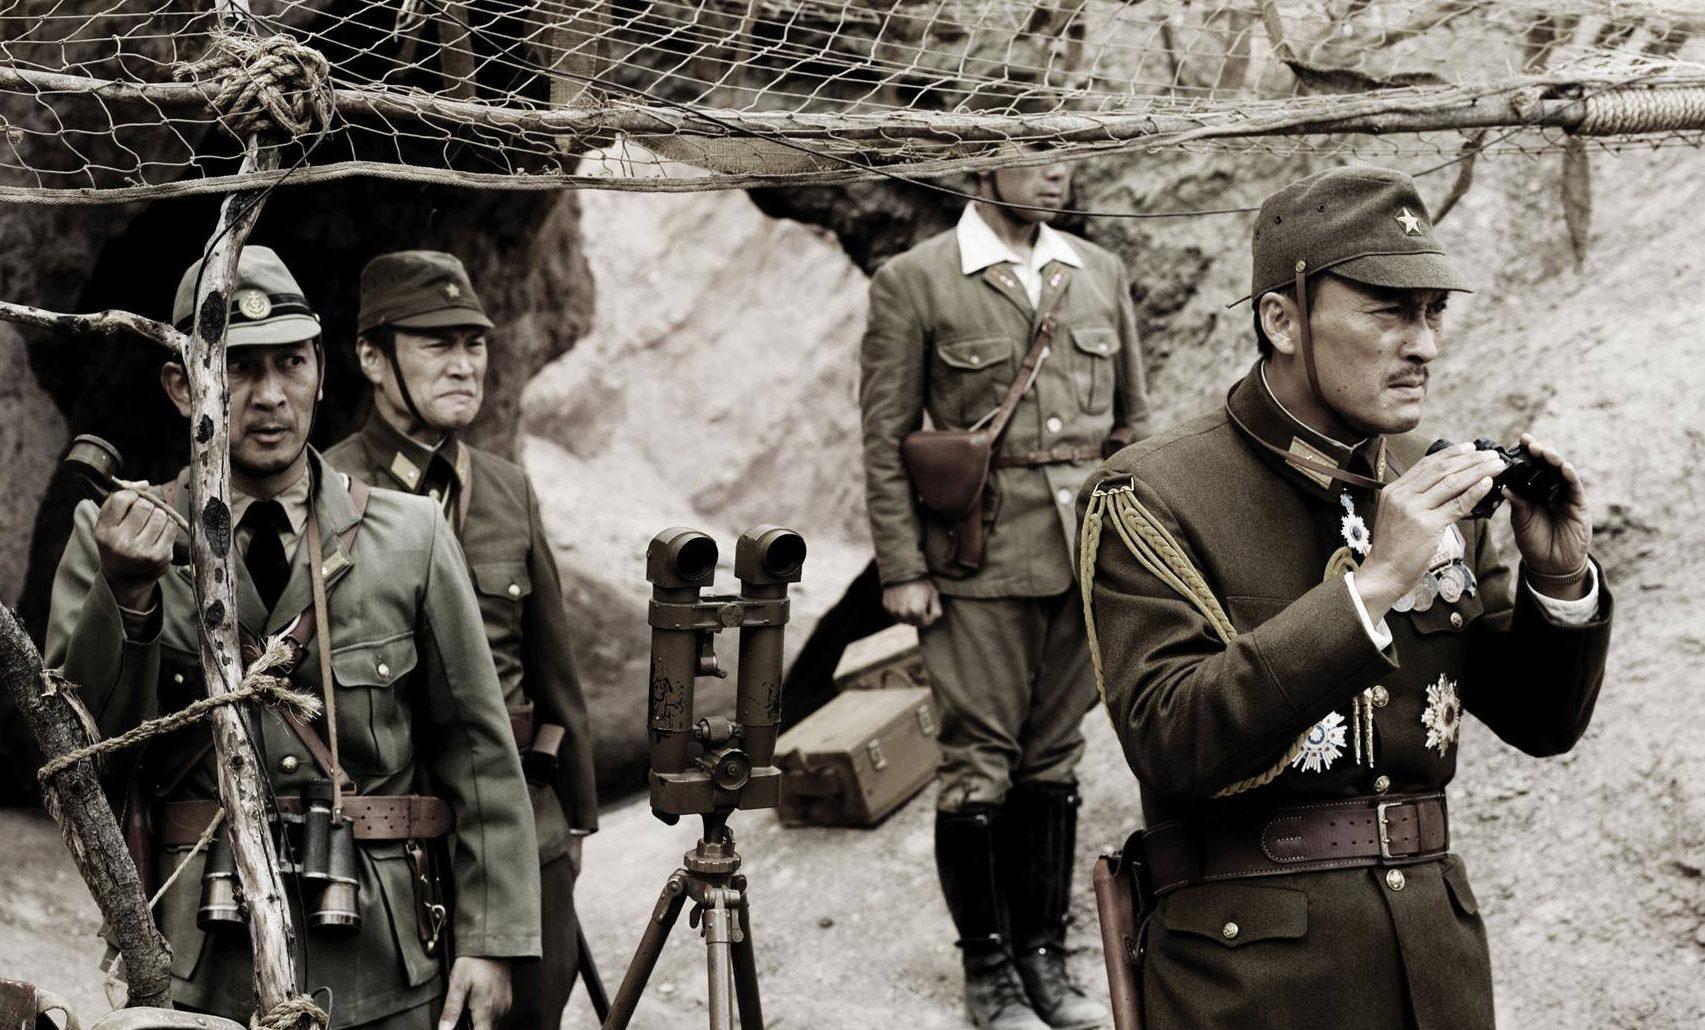 硫黄島の遺骨探索を本格着手・栗林忠道中将の教えがこの留学ブログの原点